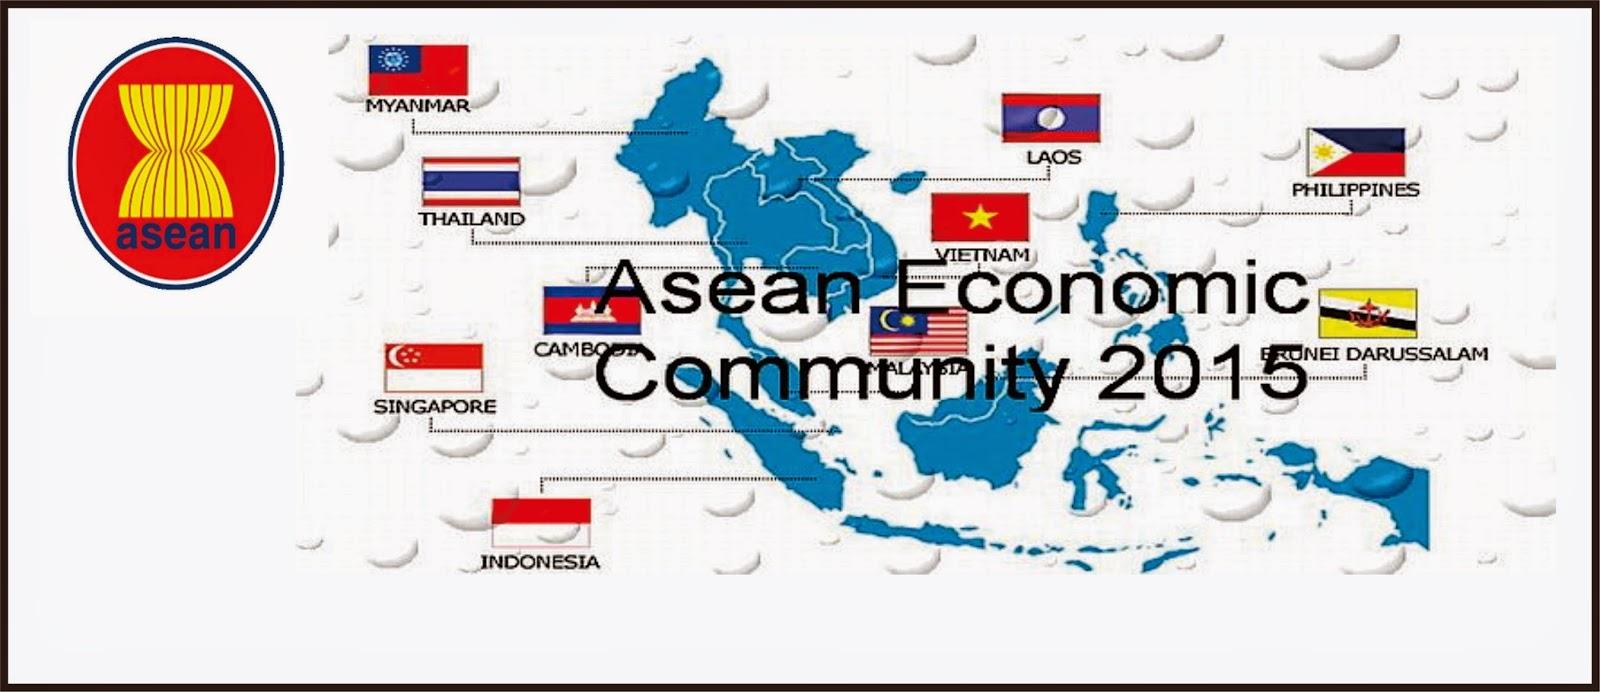 myanmar and asean